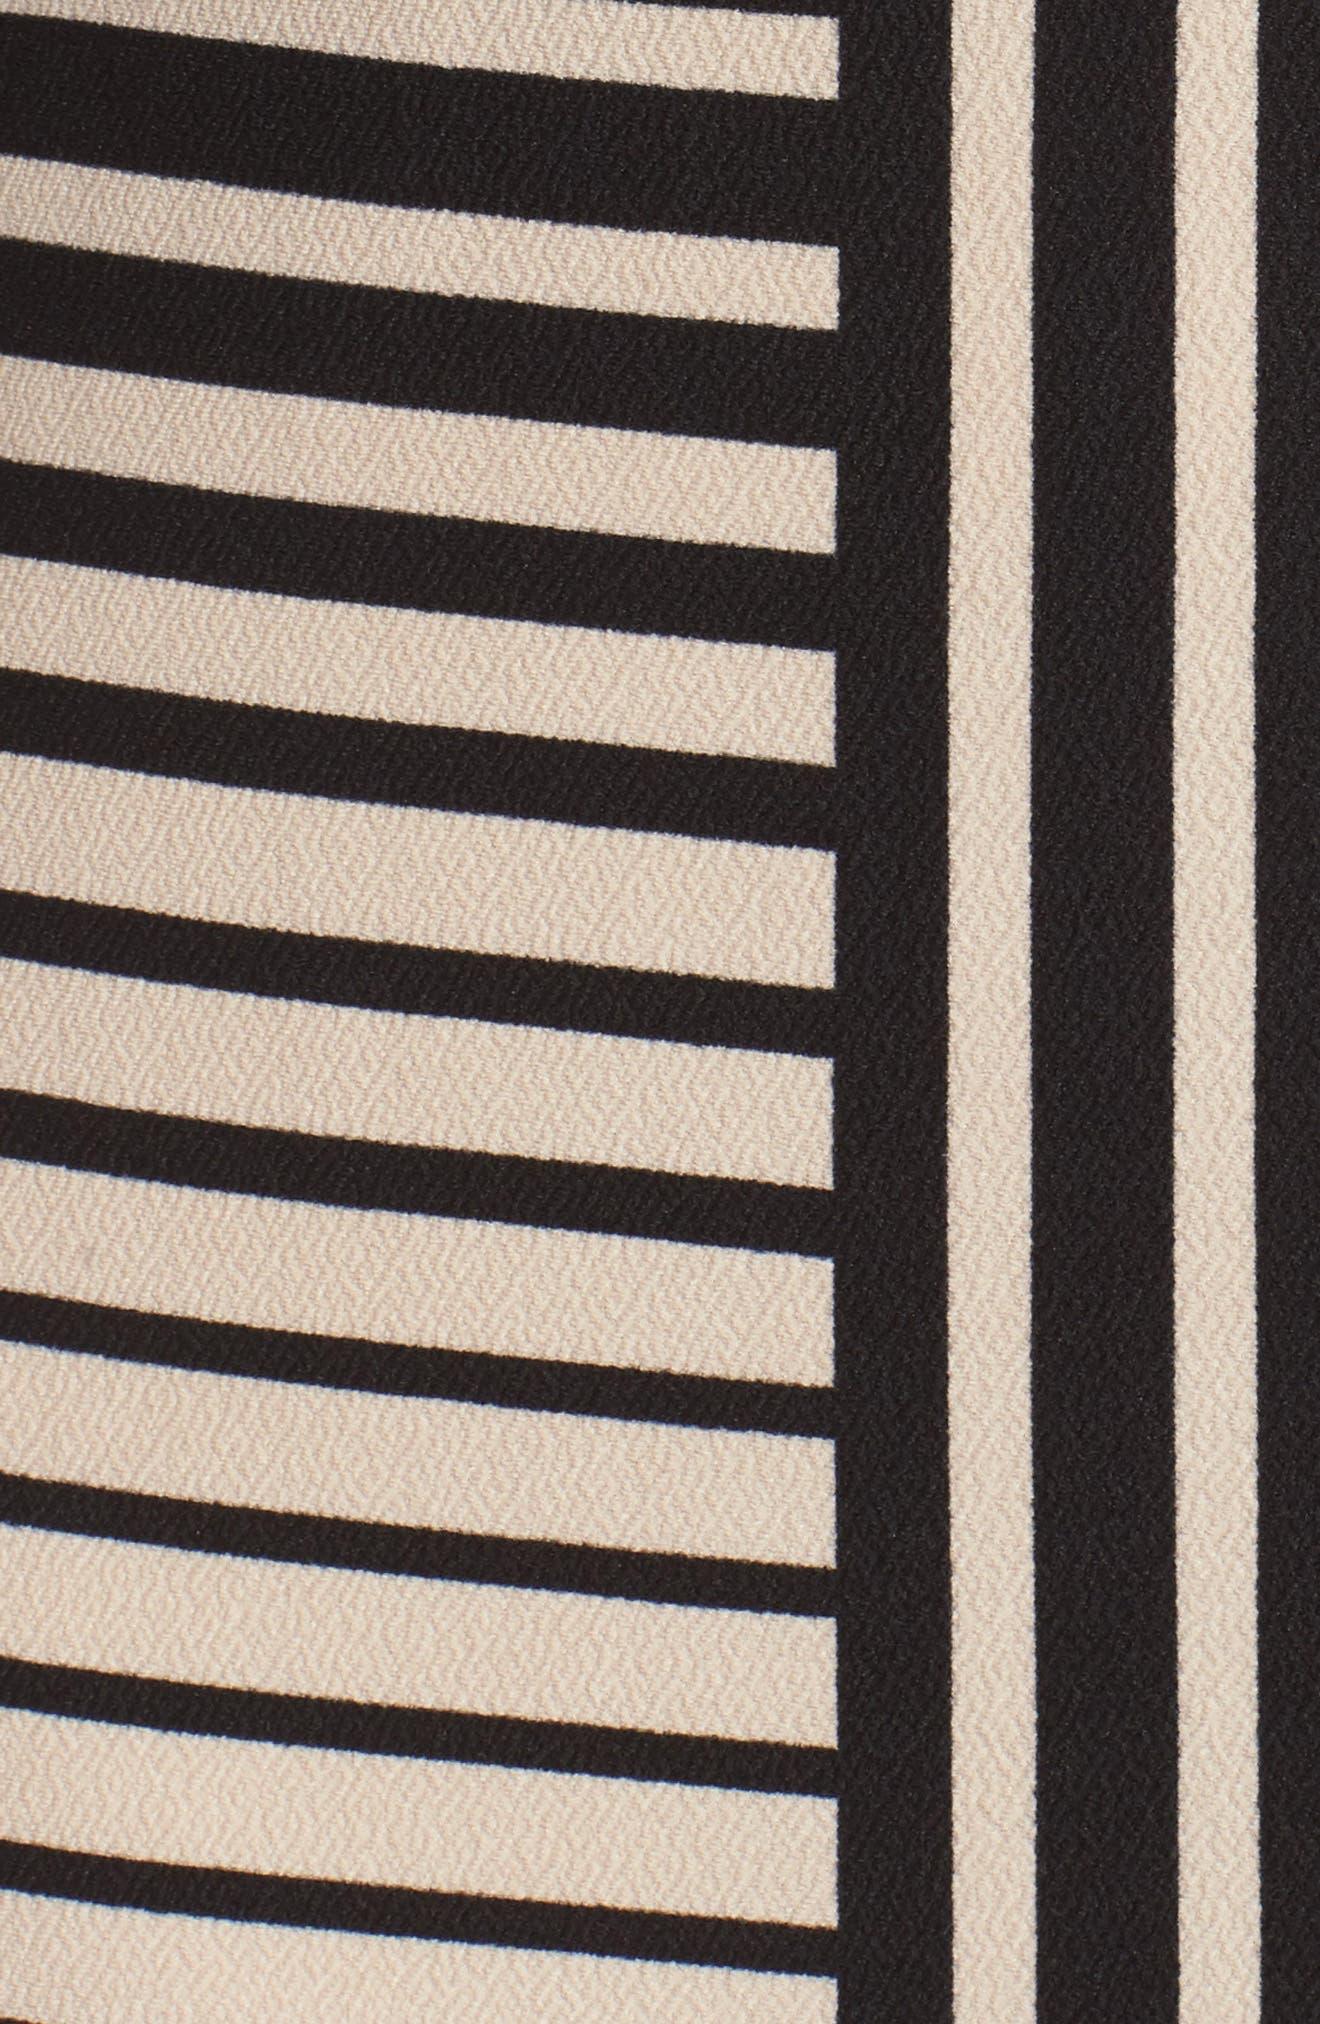 Stripe Knit Sheath Dress,                             Alternate thumbnail 5, color,                             250